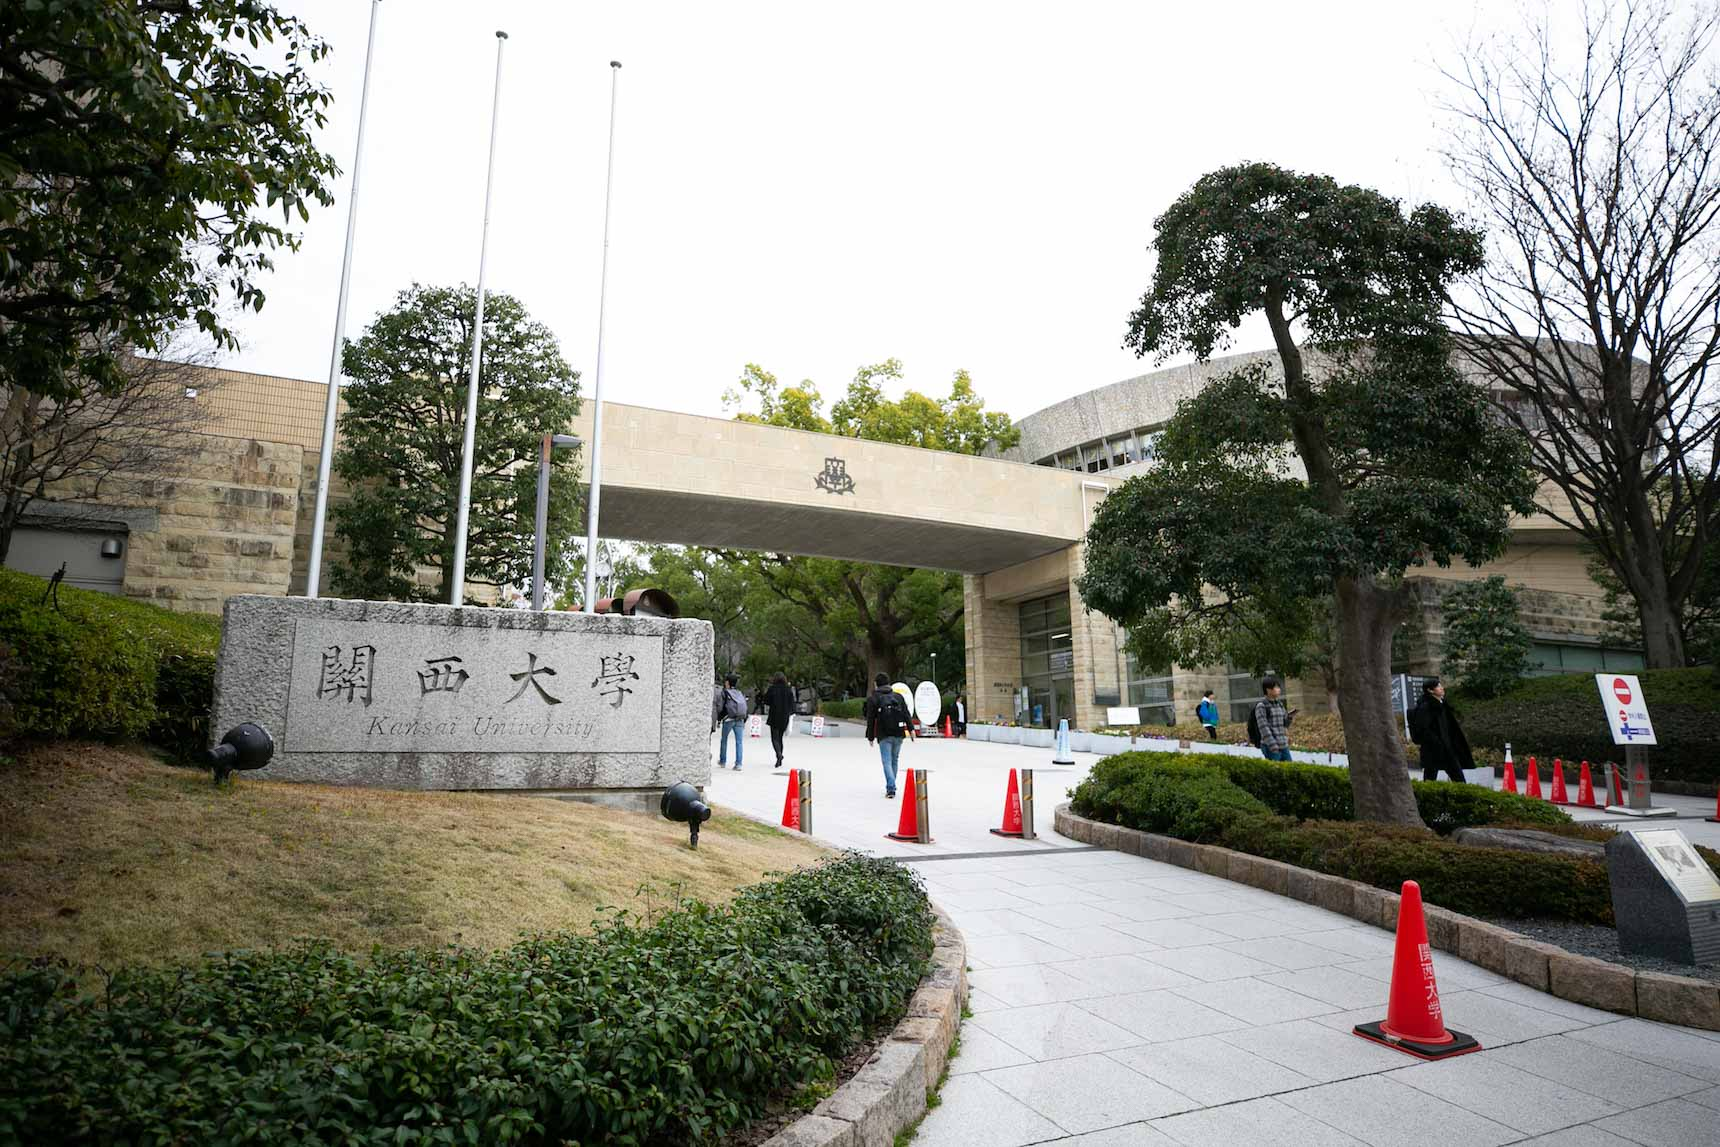 最寄りは阪急千里線の関大前駅。関西大学のキャンパスを抜けて、東門の先に住宅街が広がっています。